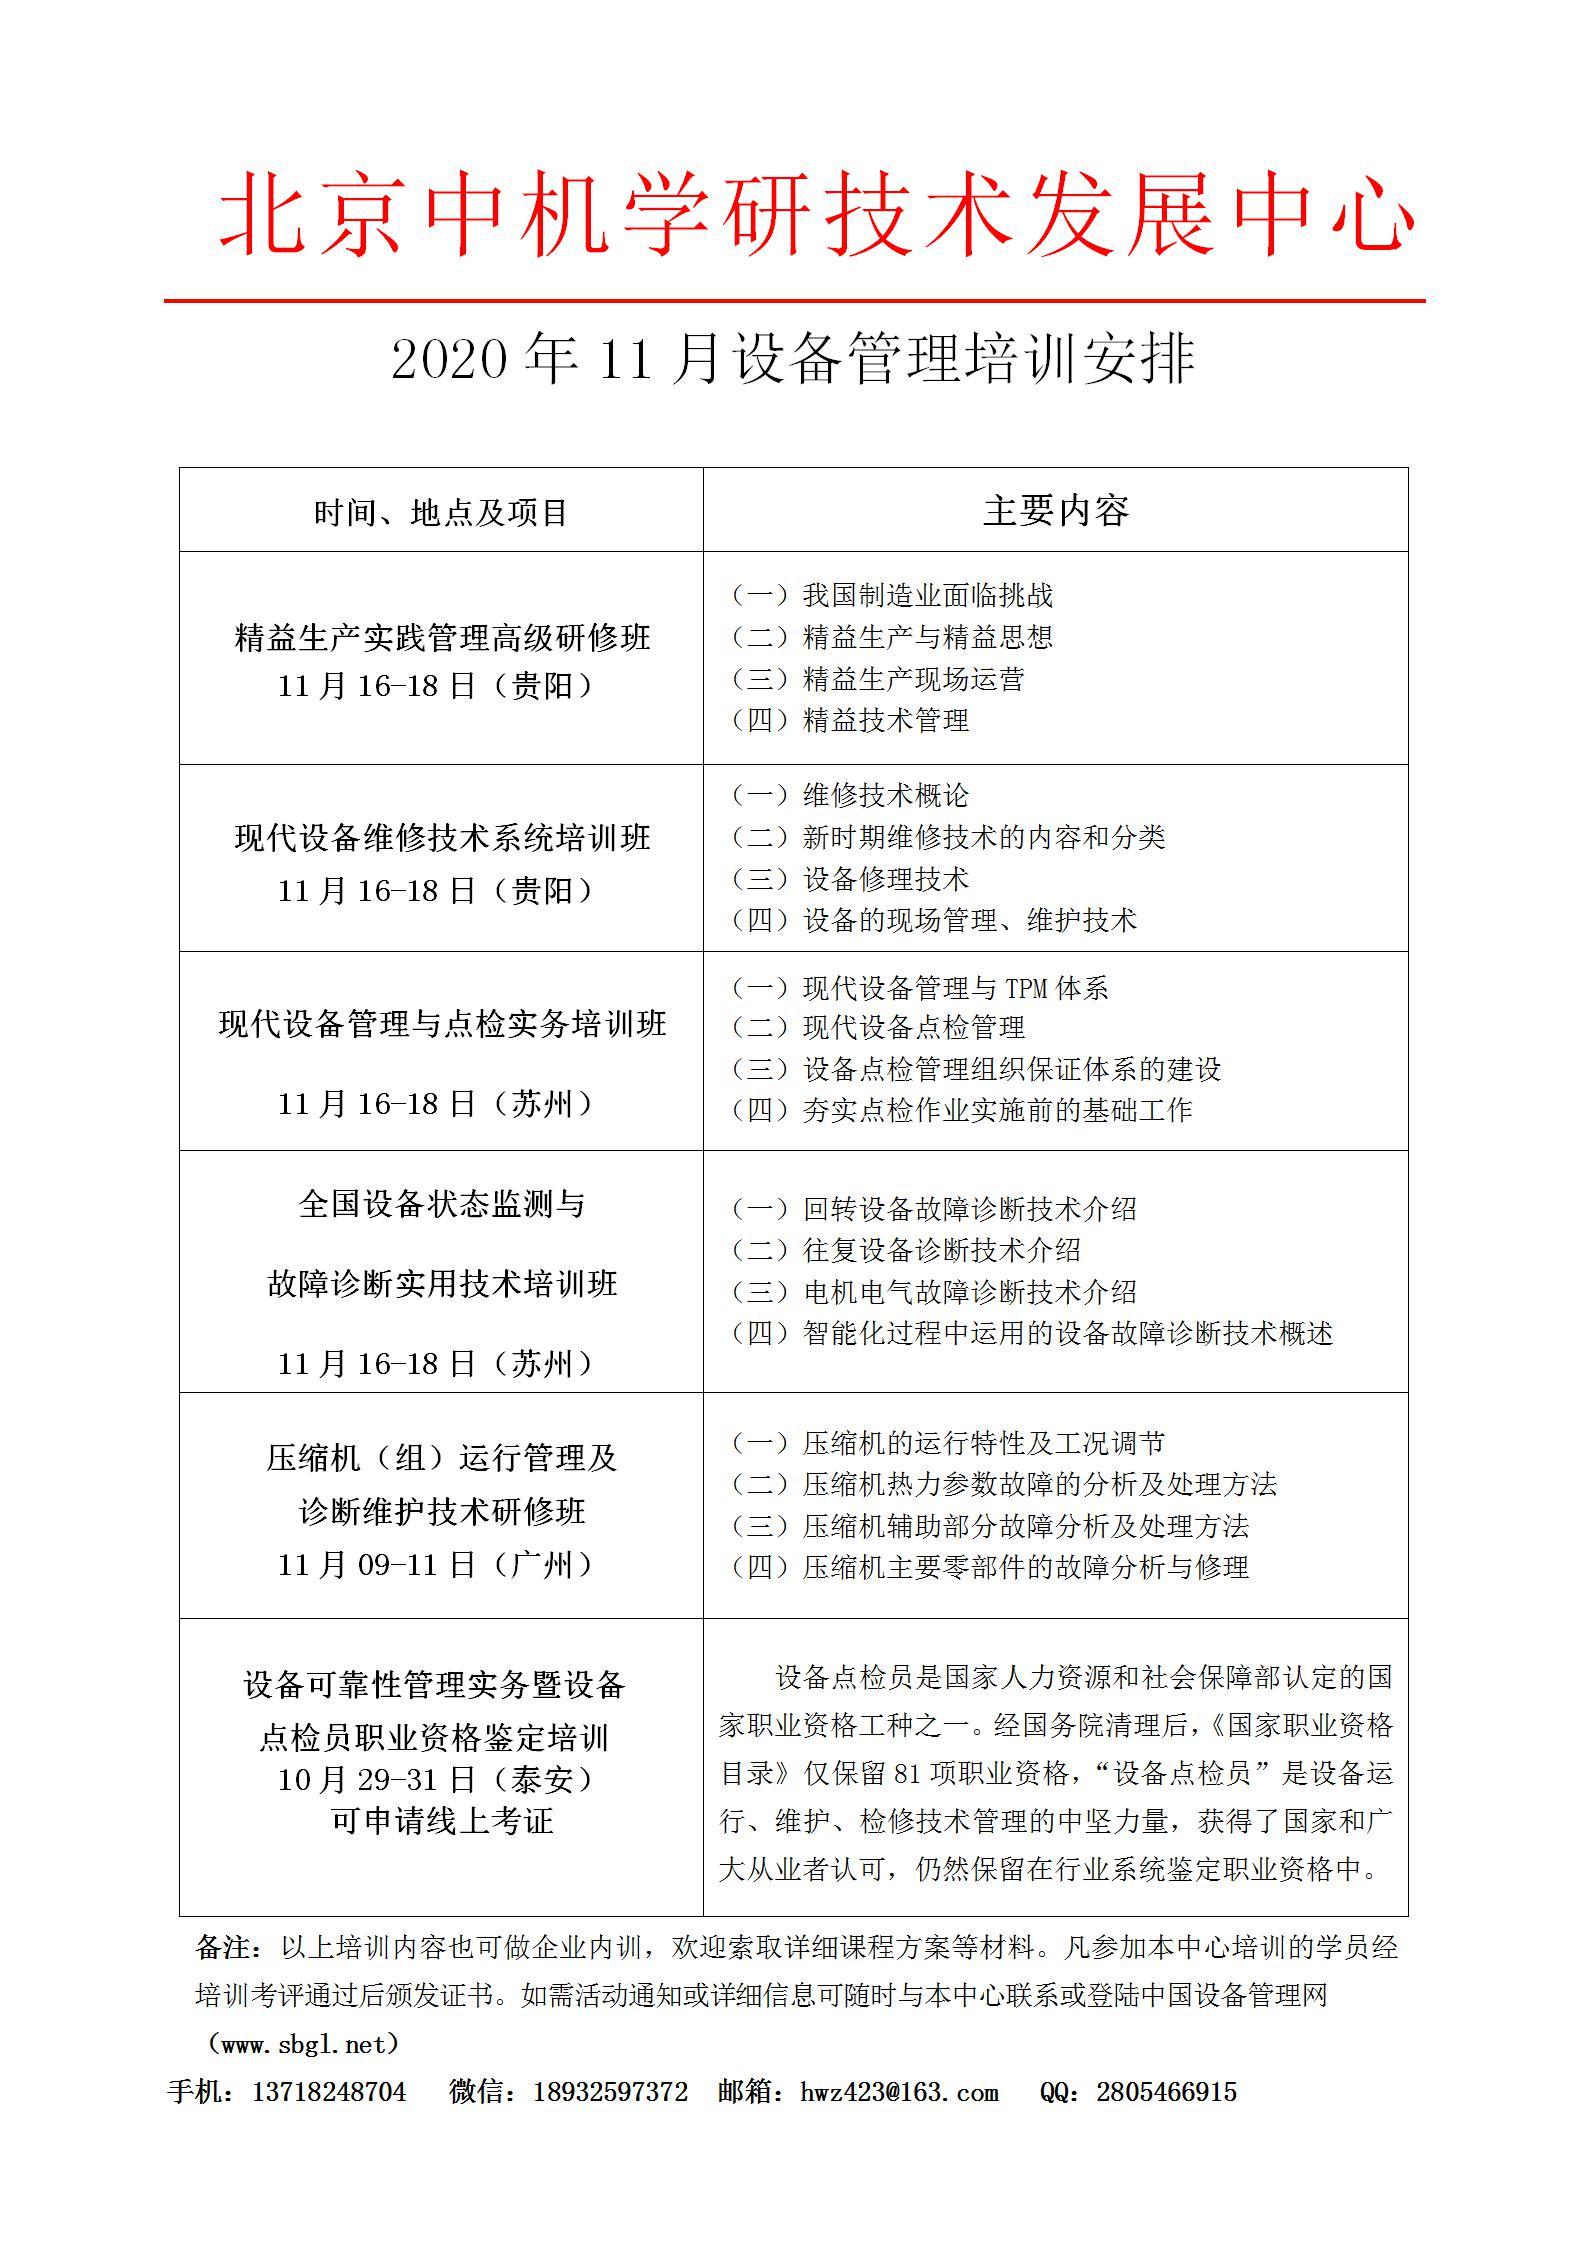 11月设备管理活动计划_01.jpg